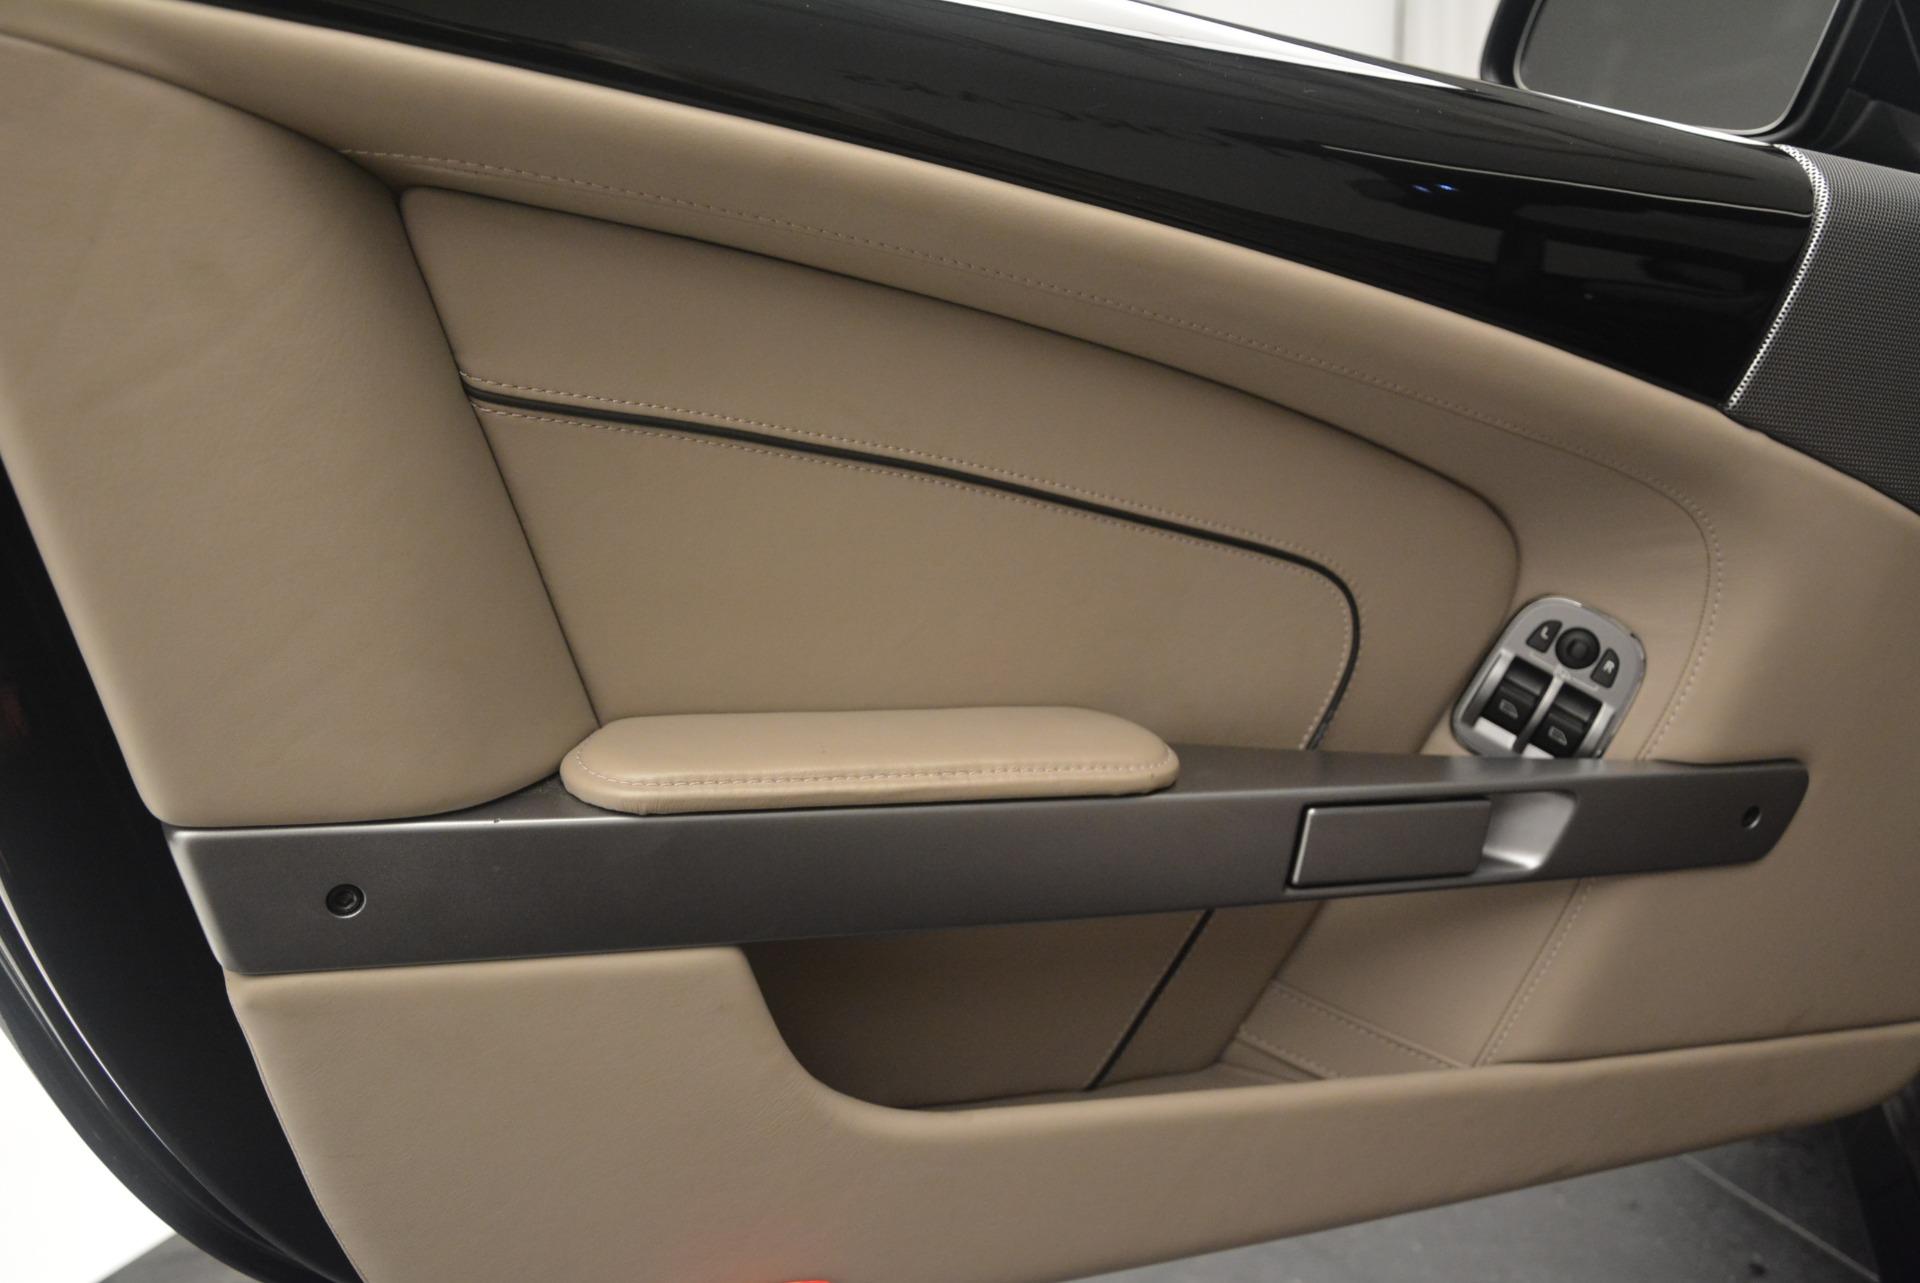 Used 2015 Aston Martin DB9 Volante For Sale In Greenwich, CT 2318_p23